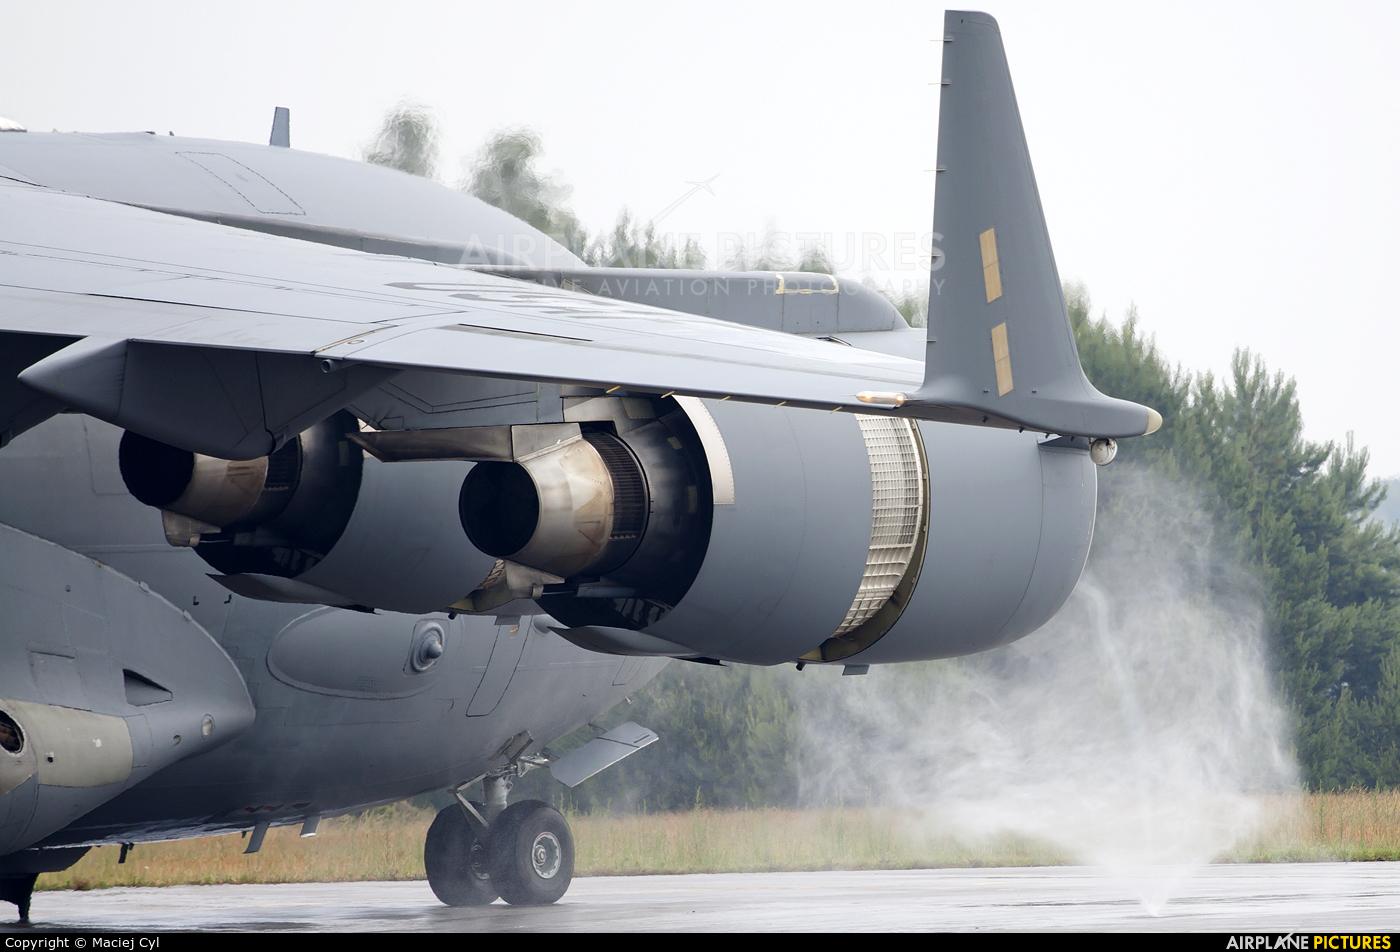 USA - Air Force 00-0183 aircraft at Babimost